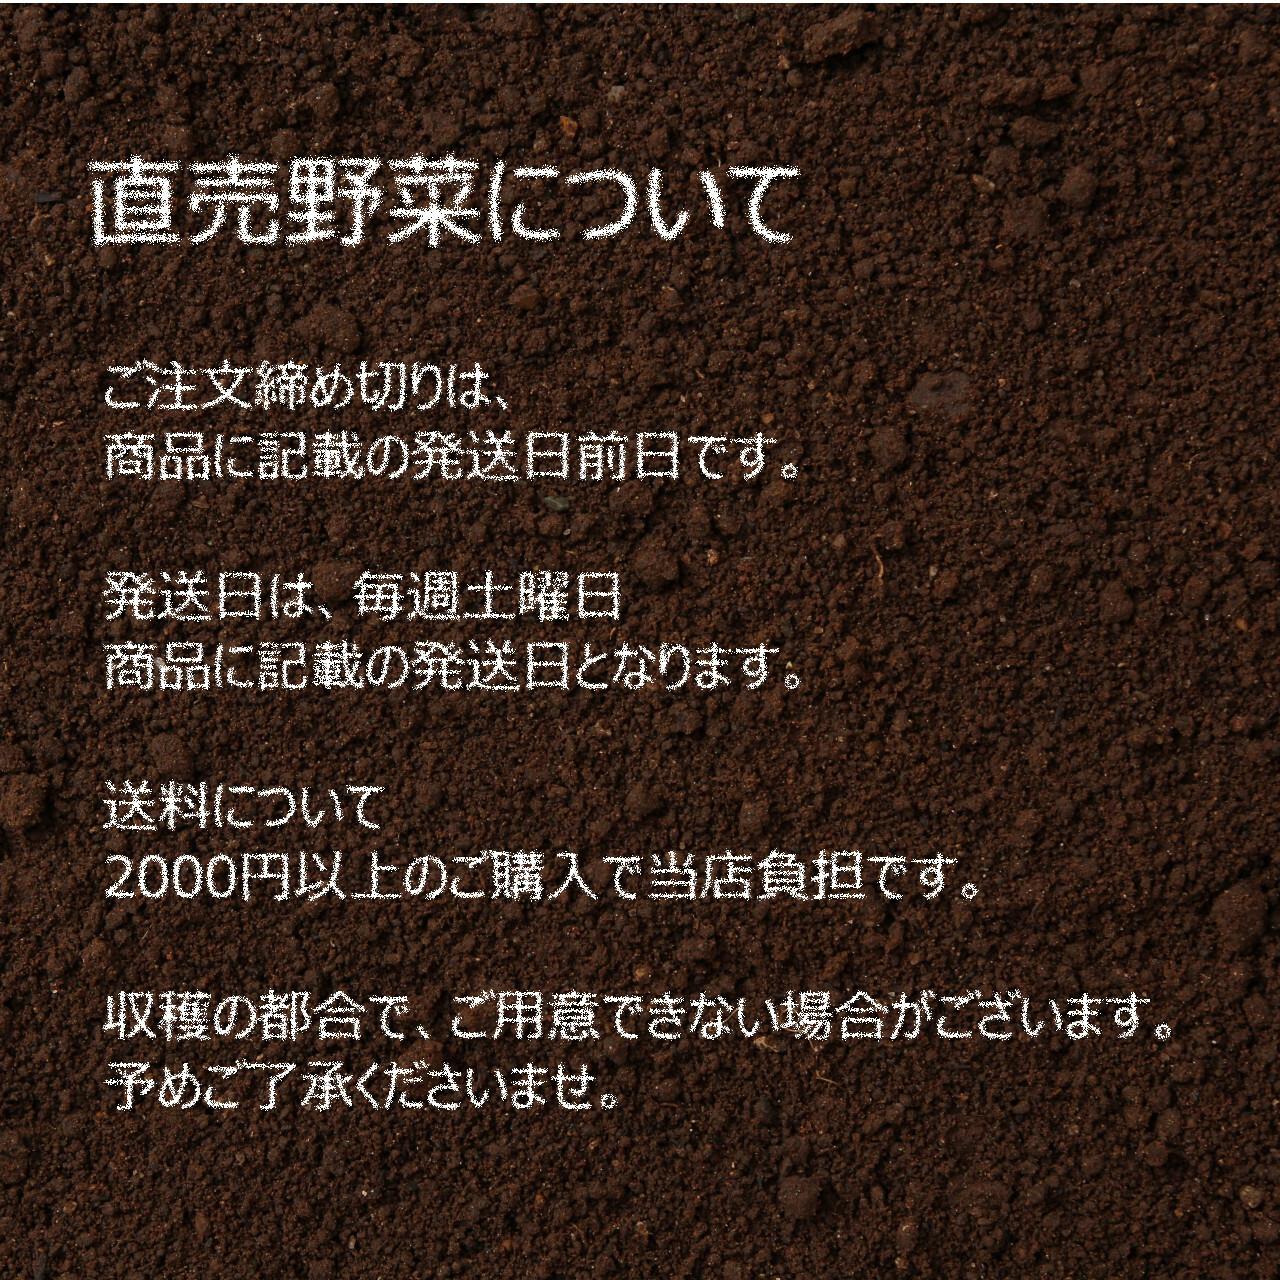 新鮮な秋野菜 : 春菊 約200g 11月の朝採り直売野菜 11月14日発送予定